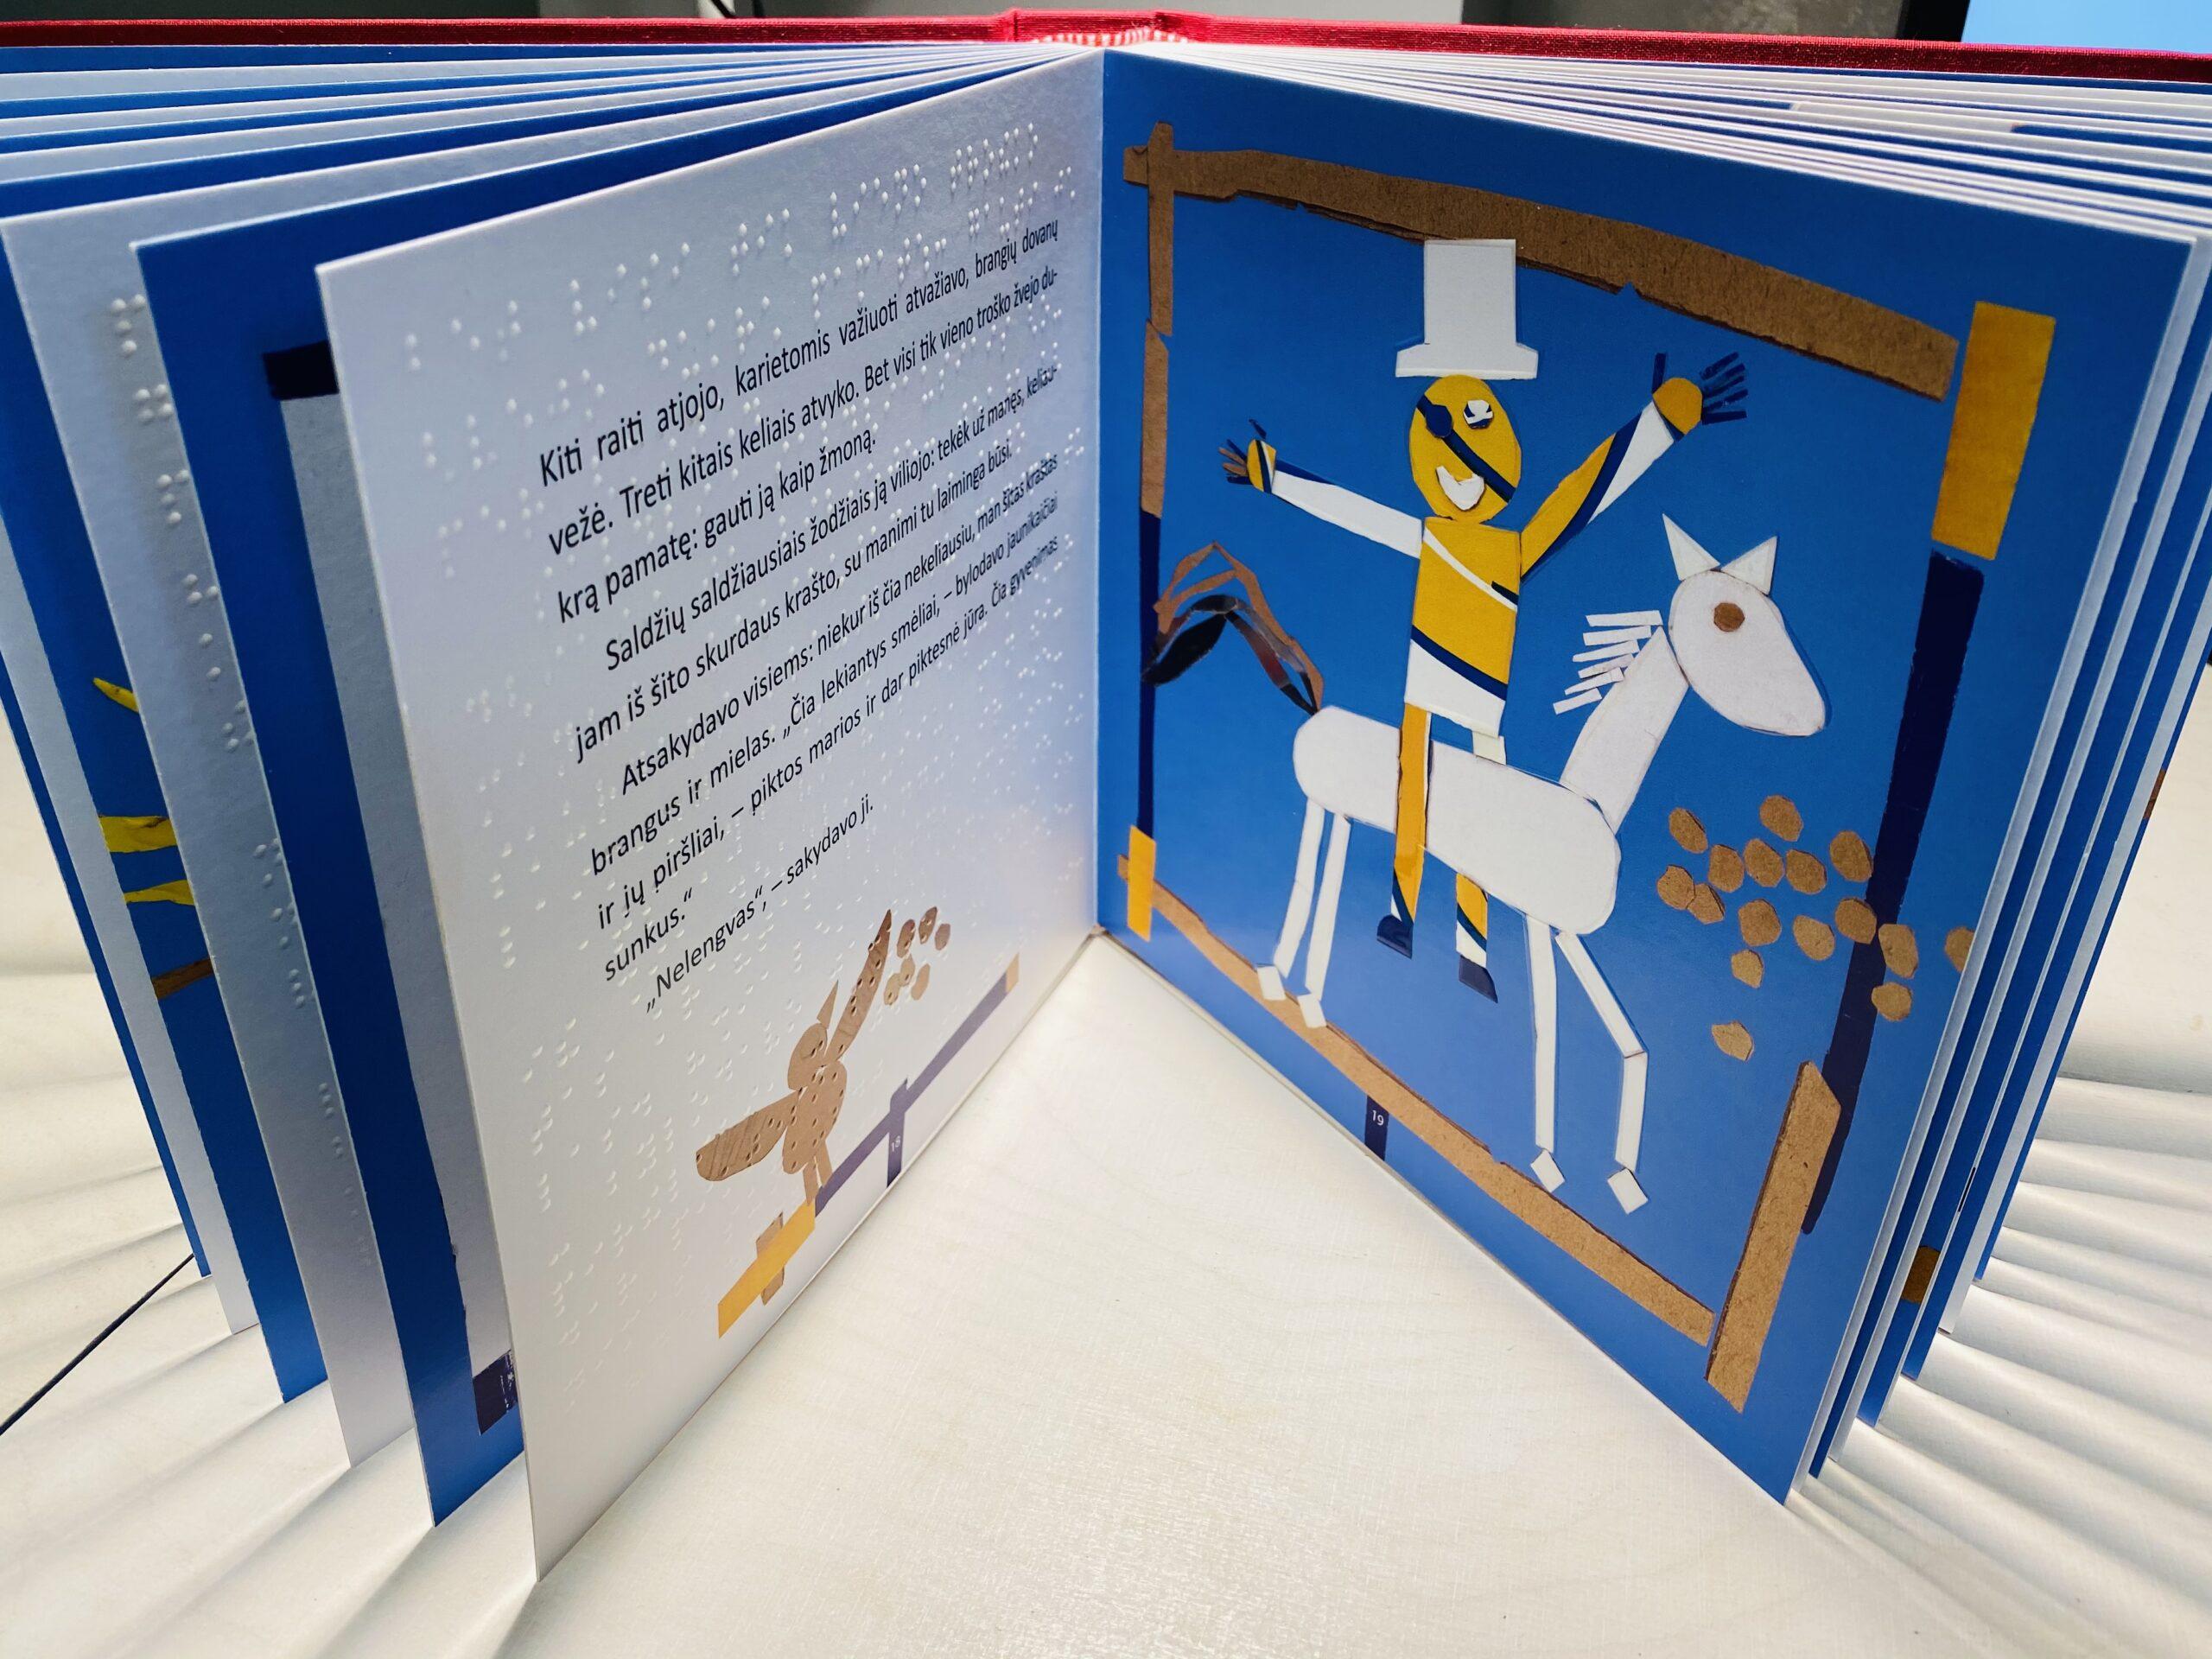 """3. Nuotraukoje pastatyta knyga """"Neringa ir Naglis"""" su atverstu vaizdu. Vienoje pusėje tekstas reginčiųjų ir Brailio raštu, kitoje – iliustracija, kurioje pavaizduotas ant žirgo sėdintis raitelis su iškeltomis rankomis ir šypsena, o ant jo galvos cilindro formos skrybėlė."""